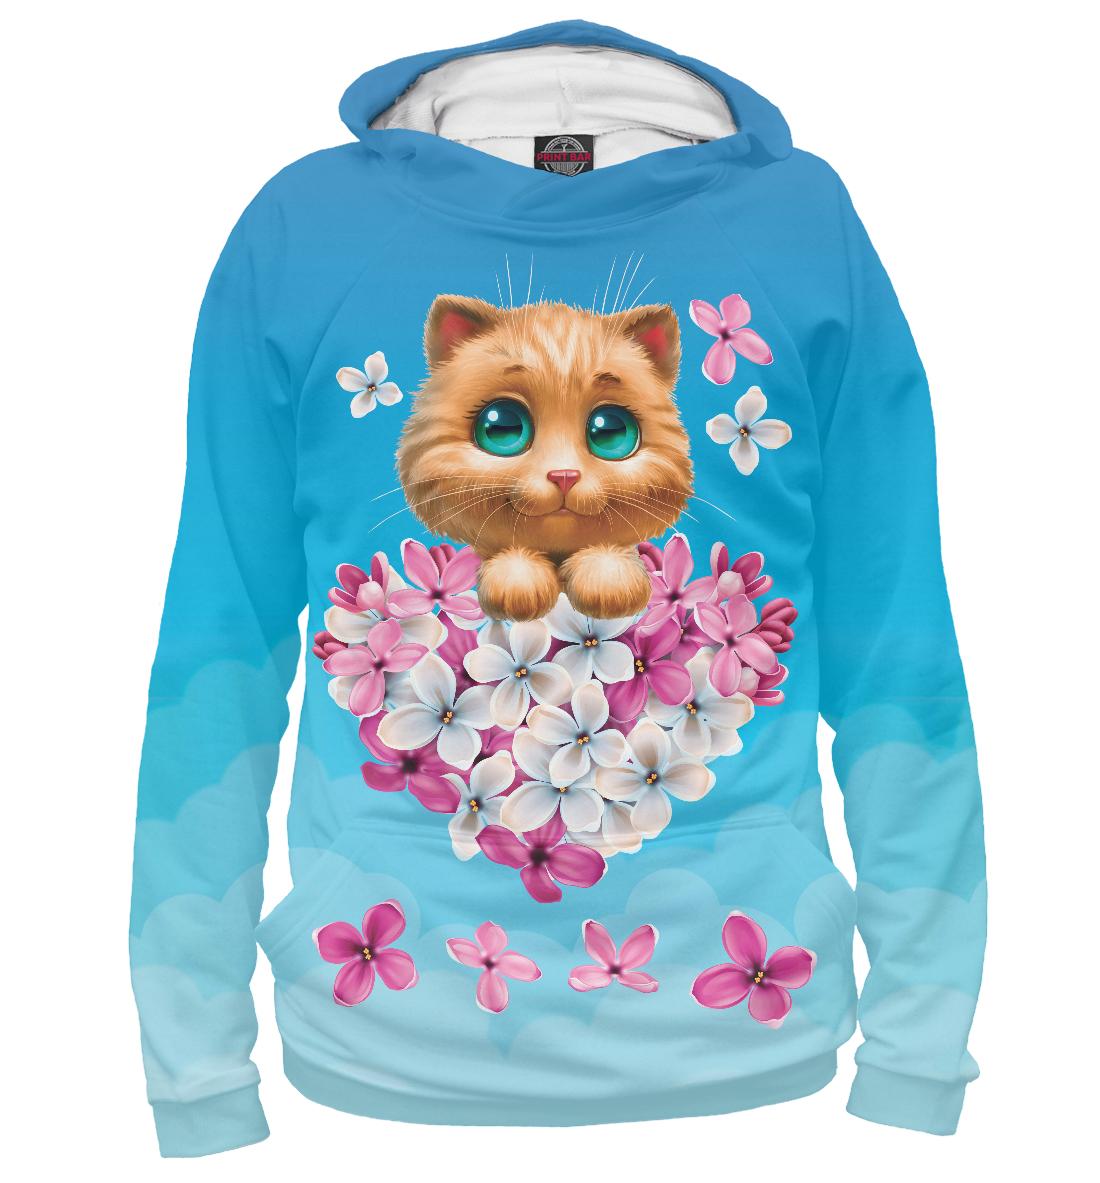 Купить Котенок и сердечко из цветов, Printbar, Худи, CAT-225513-hud-2